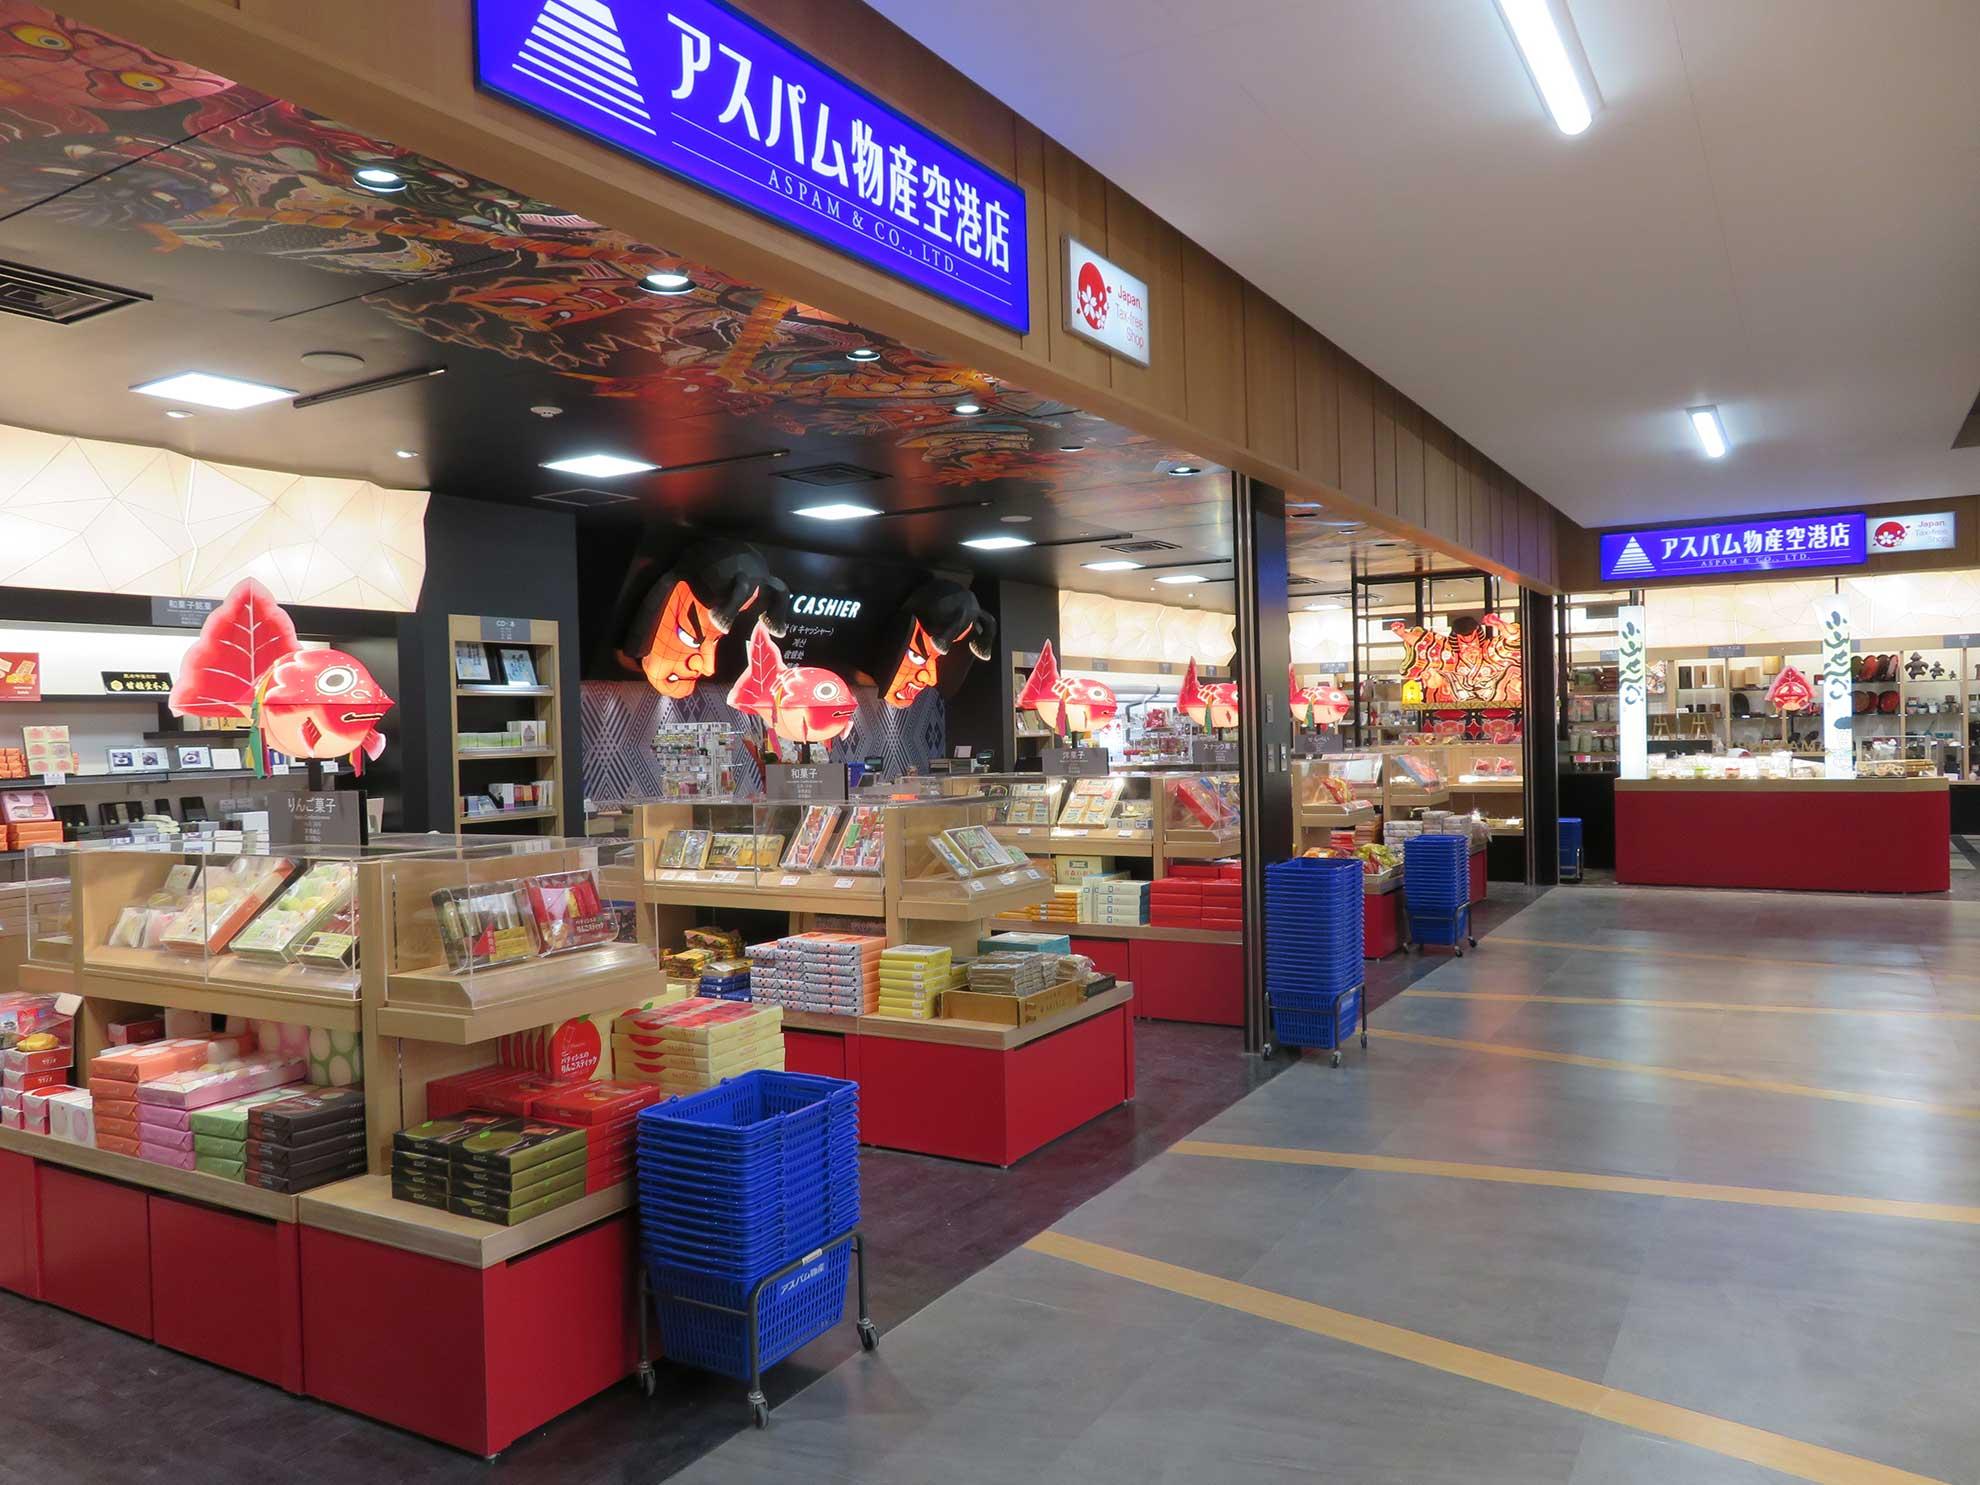 アスパム物産空港店